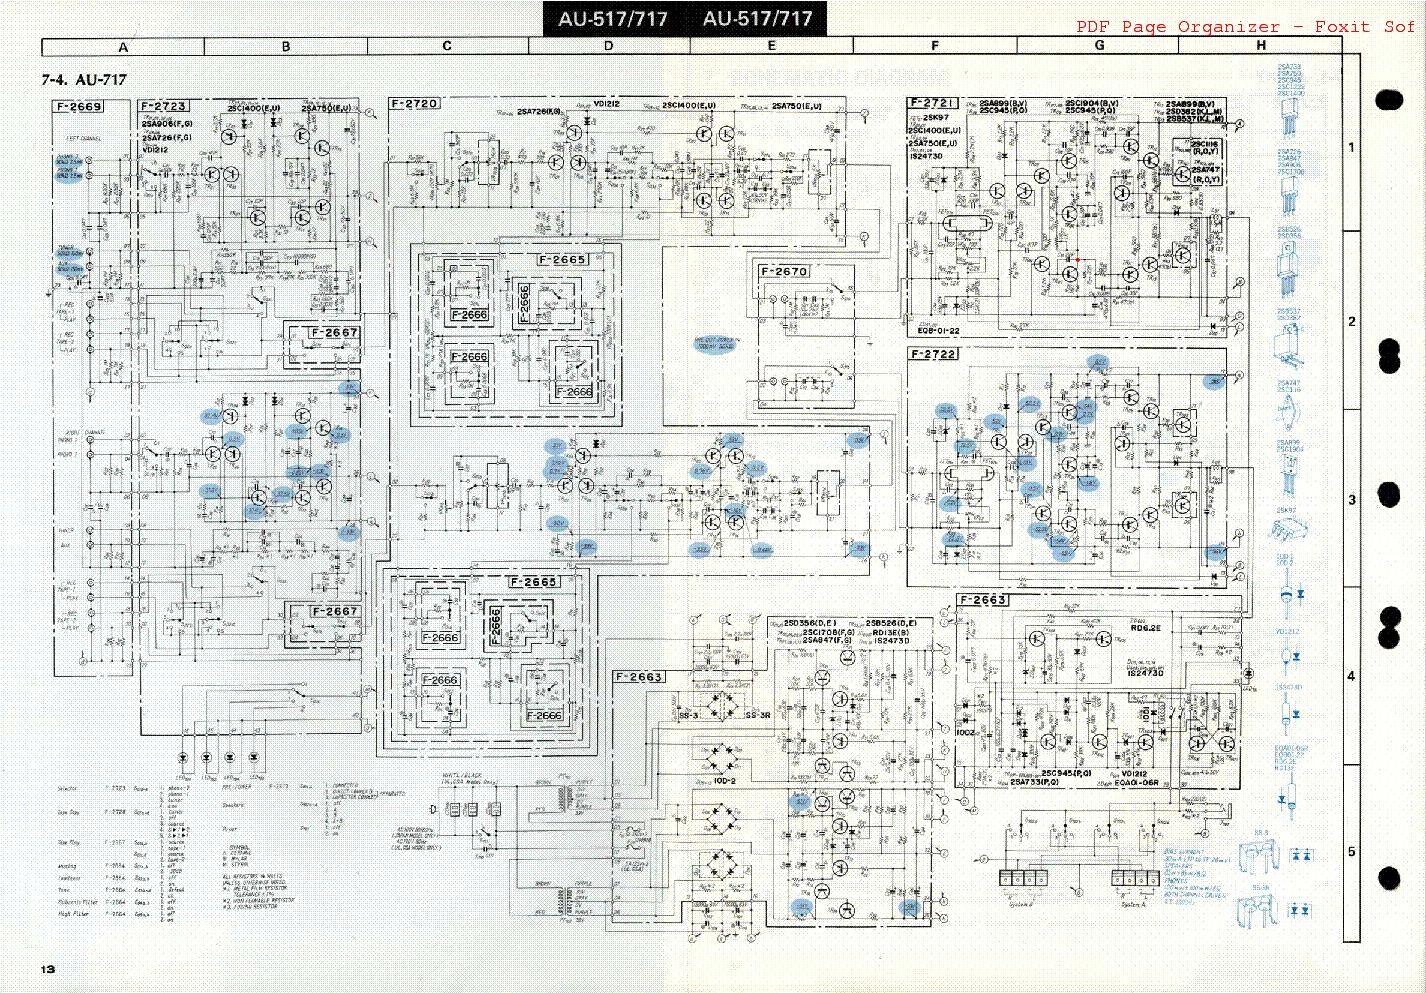 kffs20eyms 01 service manual pdf